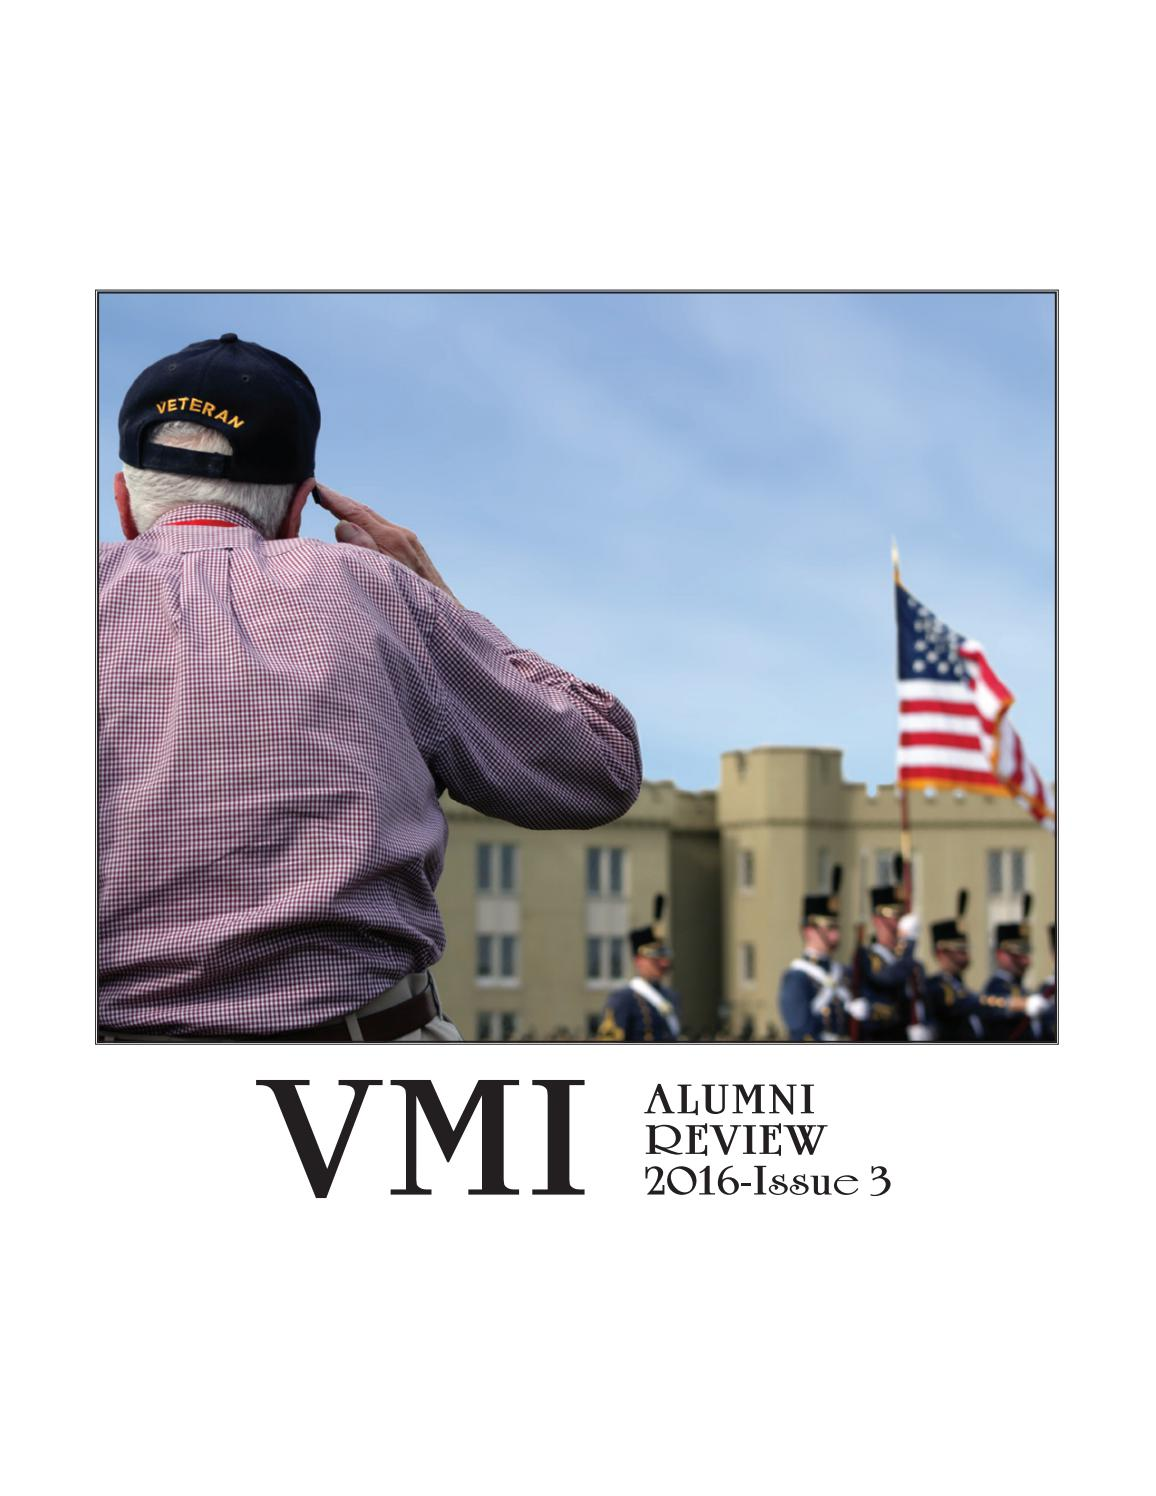 alumni review by vmi alumni